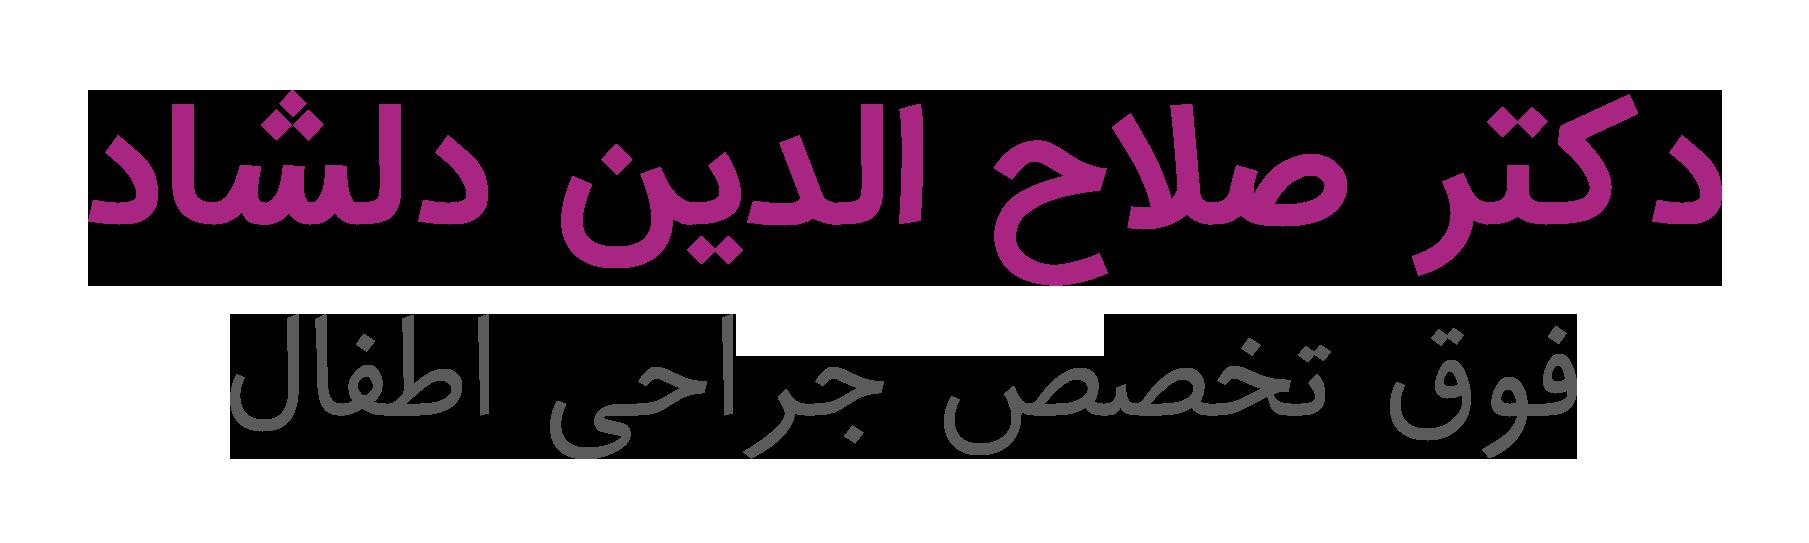 جراح اطفال | دکتر صلاح الدین دلشاد